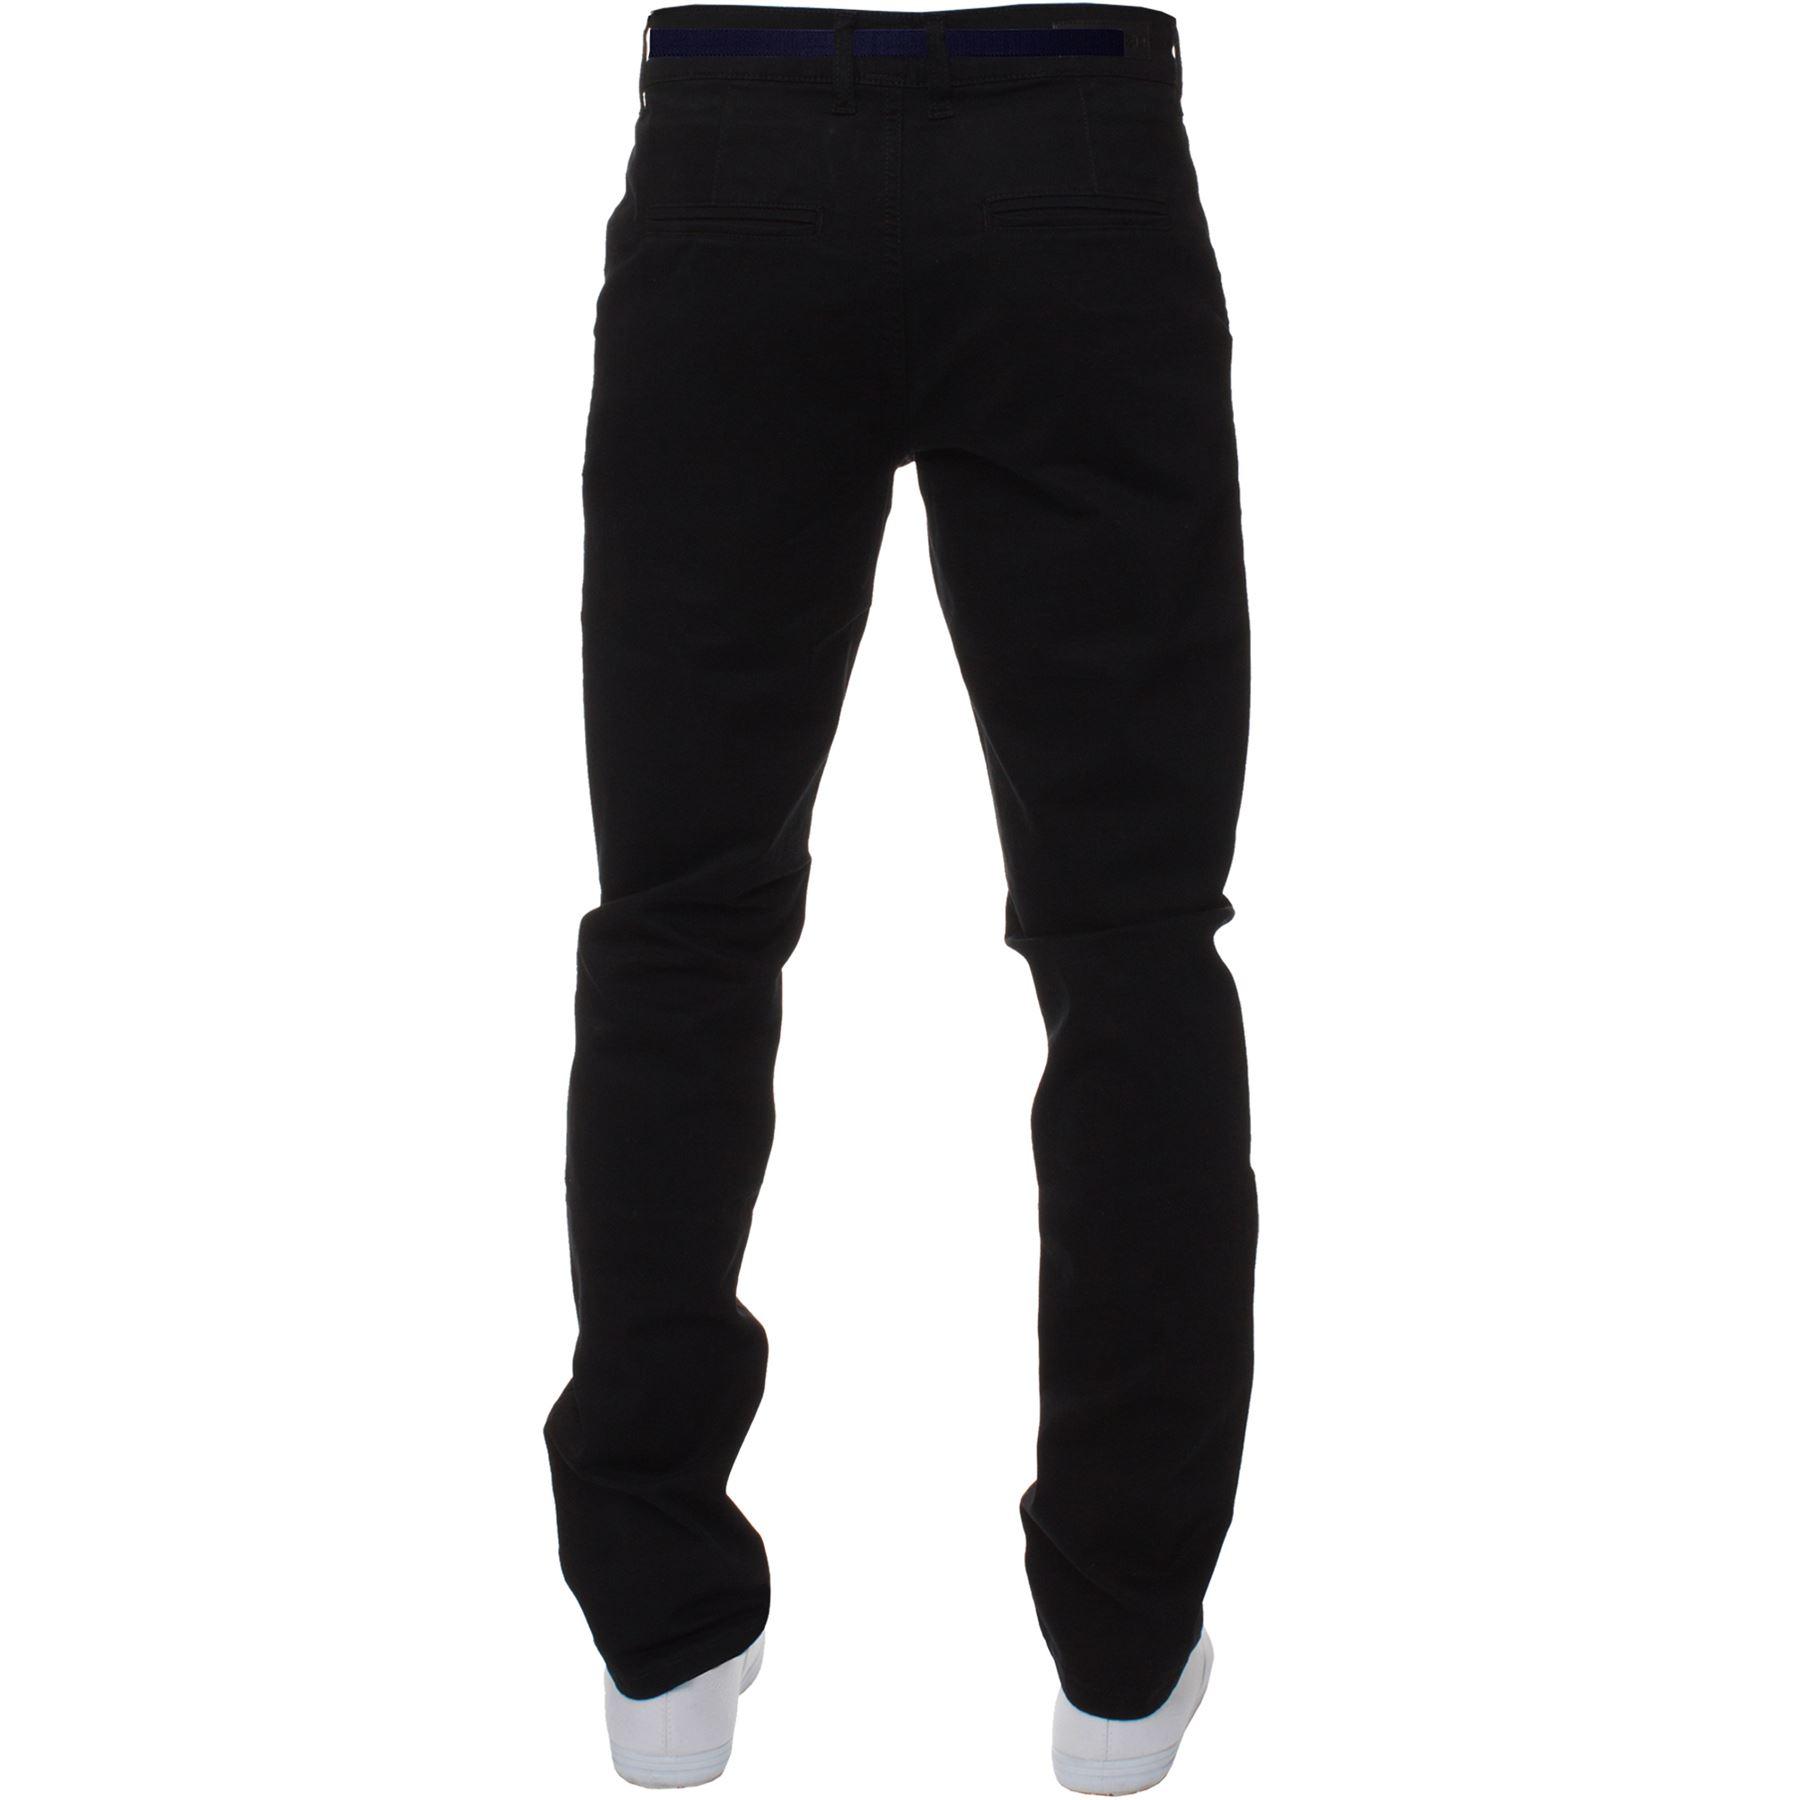 ENZO-Para-Hombres-Pantalones-Slim-Fit-Algodon-Elastico-Pantalones-Chinos-Con-Cinturon-BIG-amp-TALL miniatura 5